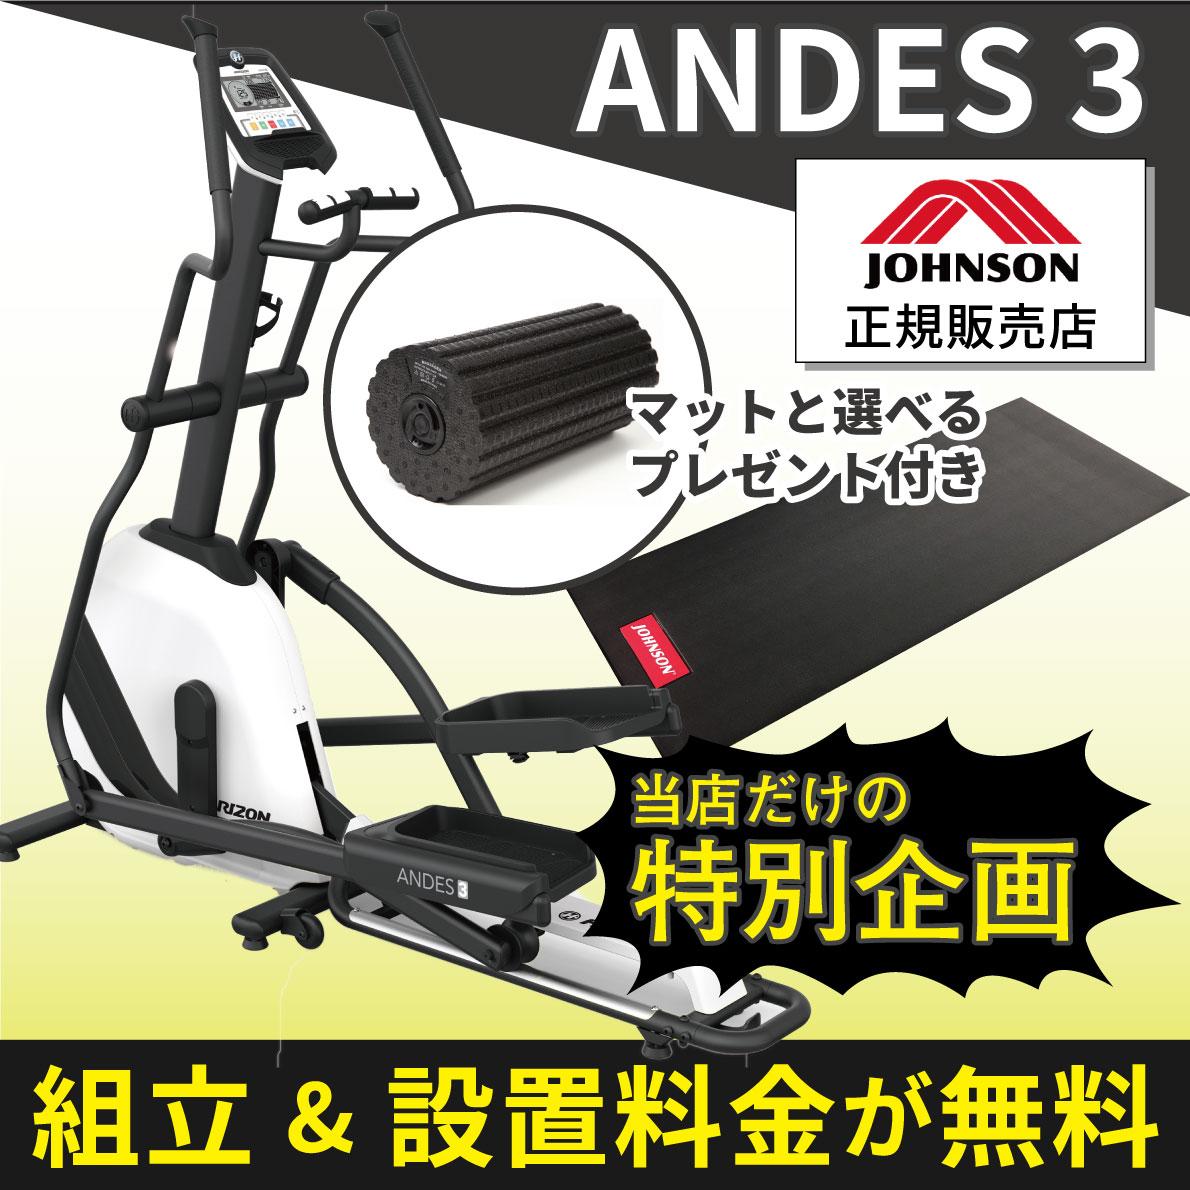 ジョンソンヘルステック クロストレーナー エリプティカル ANDES3 アンデススリー ジョンソン JOHNSON 家庭用 室内用 フィットネスマシン (9大特典) 送料無料 組立設置無料 純正マットプレゼント